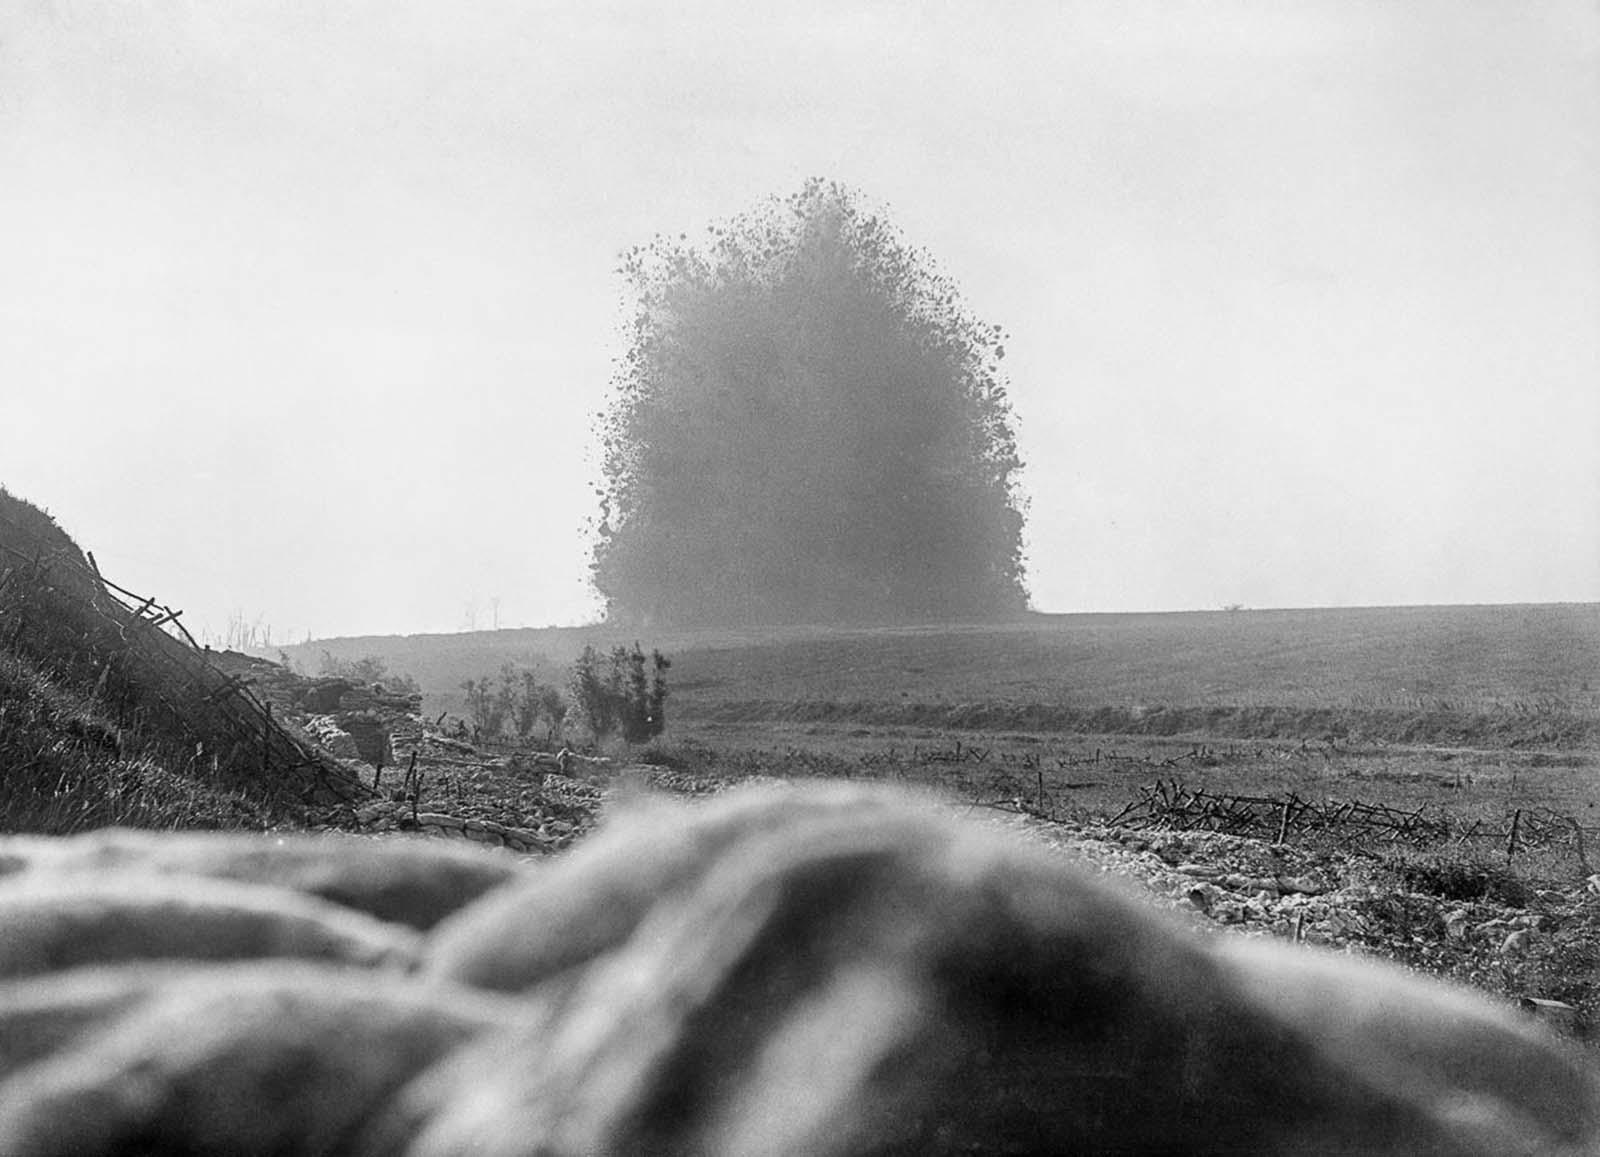 Una mina de 45,000 libras (2 toneladas) bajo las posiciones de primera línea alemana en Hawthorn Redoubt es despedida 10 minutos antes del asalto en Beaumont Hamel en el primer día de la Batalla del Somme. La mina dejó un cráter de 130 pies (40 m) de ancho y 58 pies (18 m) de profundidad.